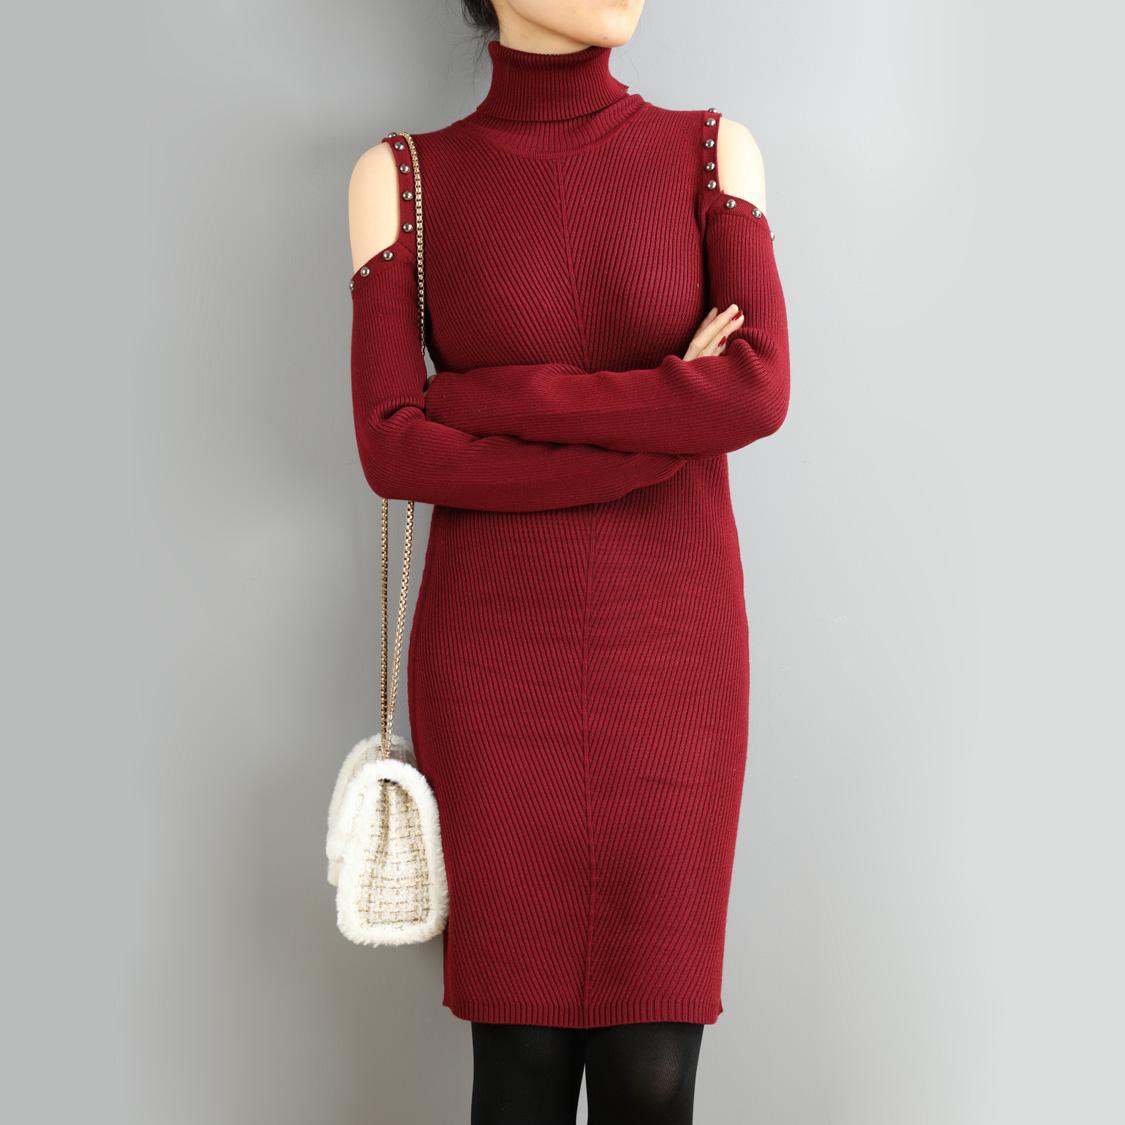 短款秋冬新款欧美钉珠长袖露肩紧身包臀打底针织高领连衣裙女D300